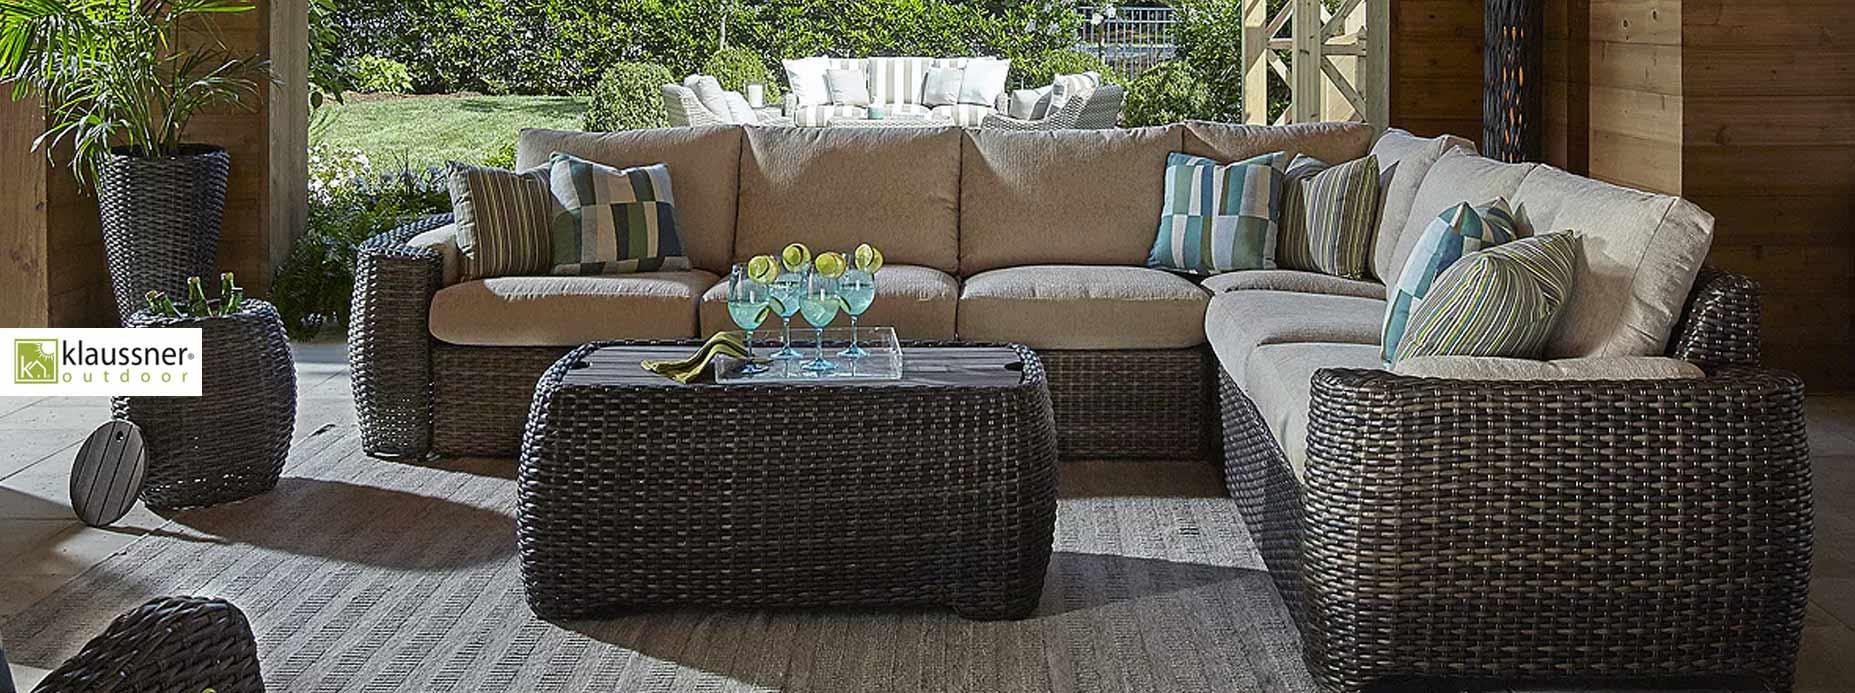 Klaussner Outdoor Furniture Discount Store Amp Showroom In